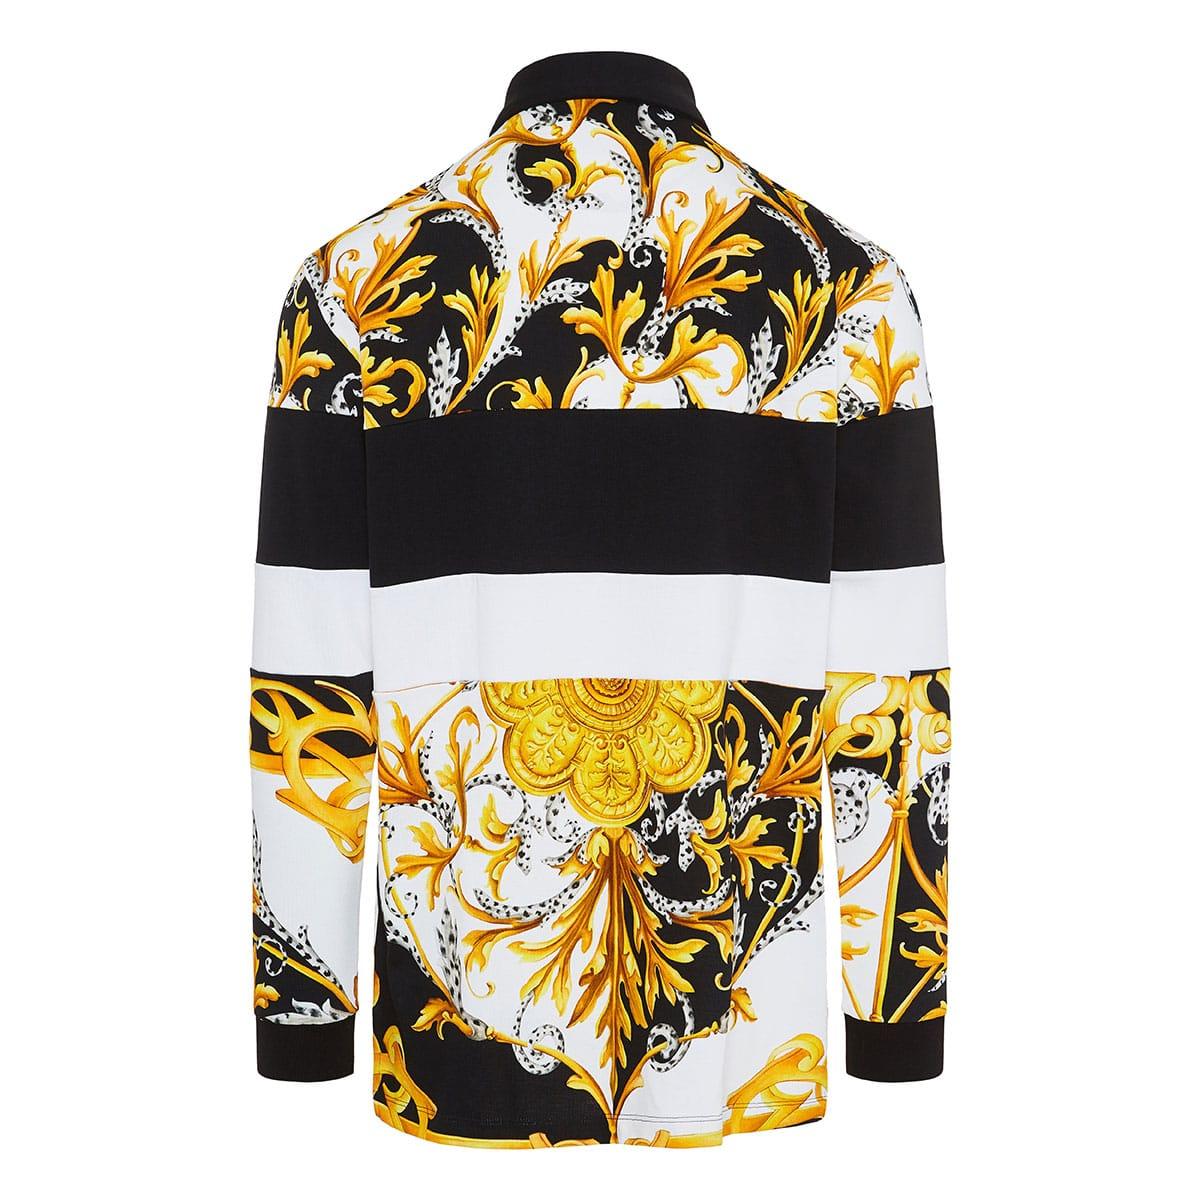 Baroque print logo polo shirt